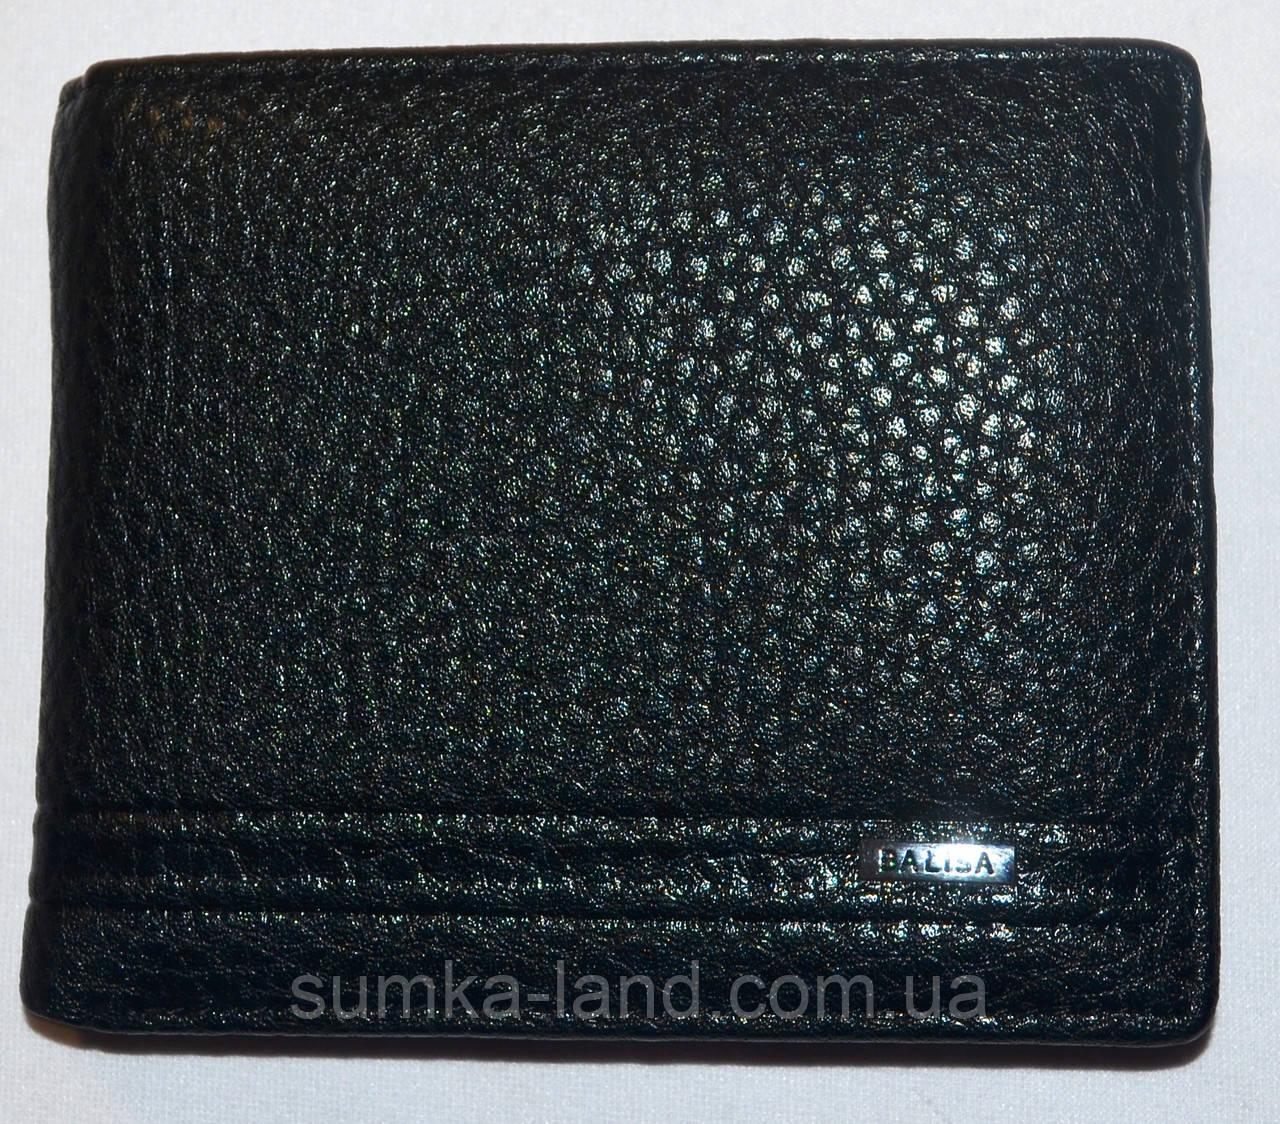 Мужской черный кошелек, зажим для денег  Balisa из искусственной кожи на магните 11,5*10 см